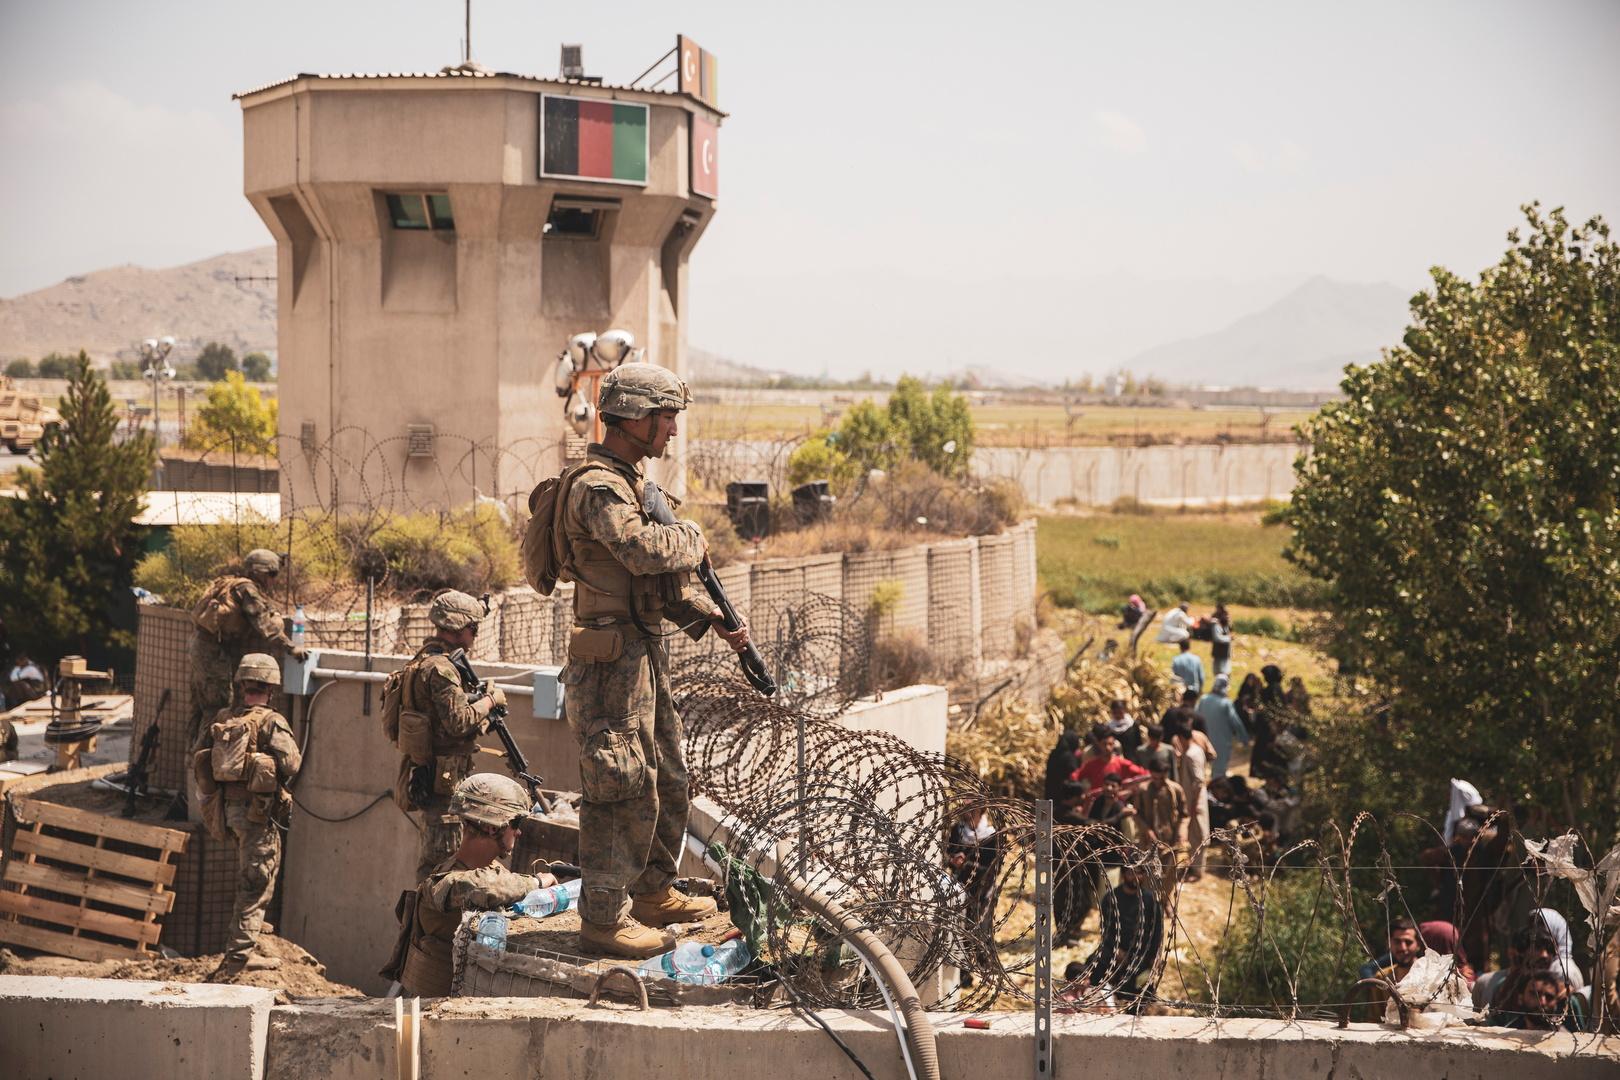 تقرير: القوات الأمريكية علقت عملية الإجلاء من كابل الجمعة بسبب عجز قطر عن استقبال اللاجئين